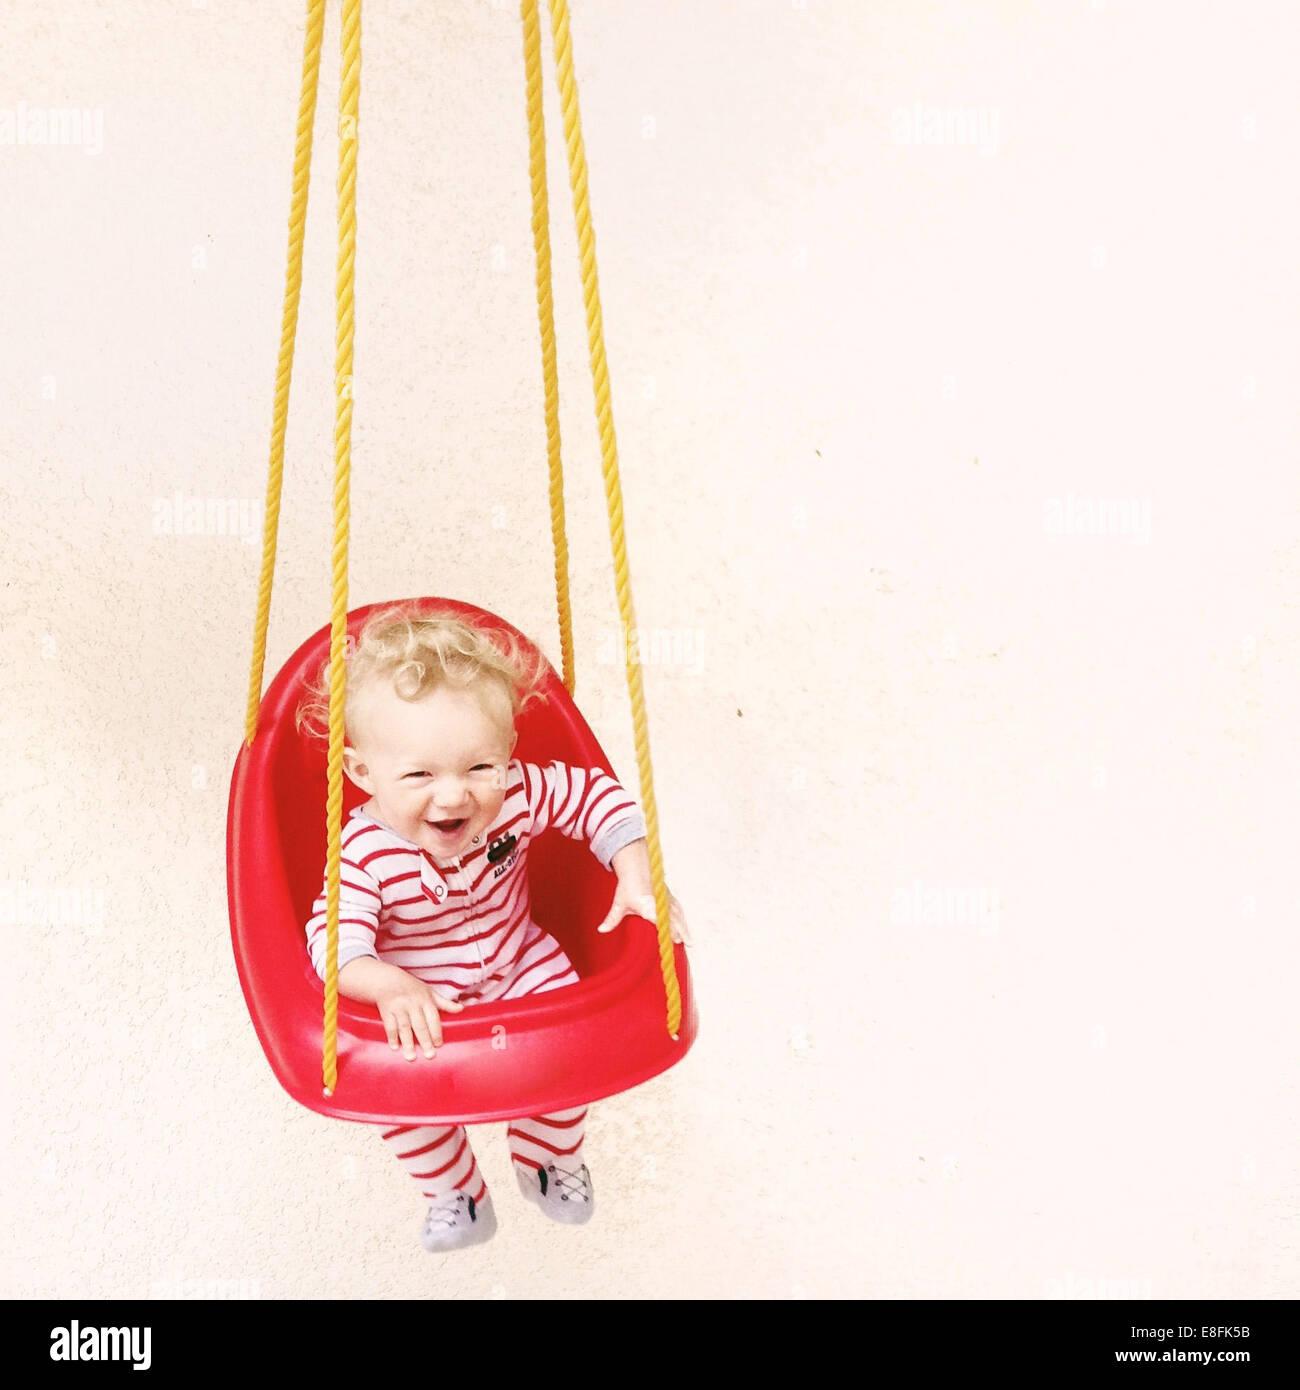 Boy in pyjamas sitting in a swing - Stock Image